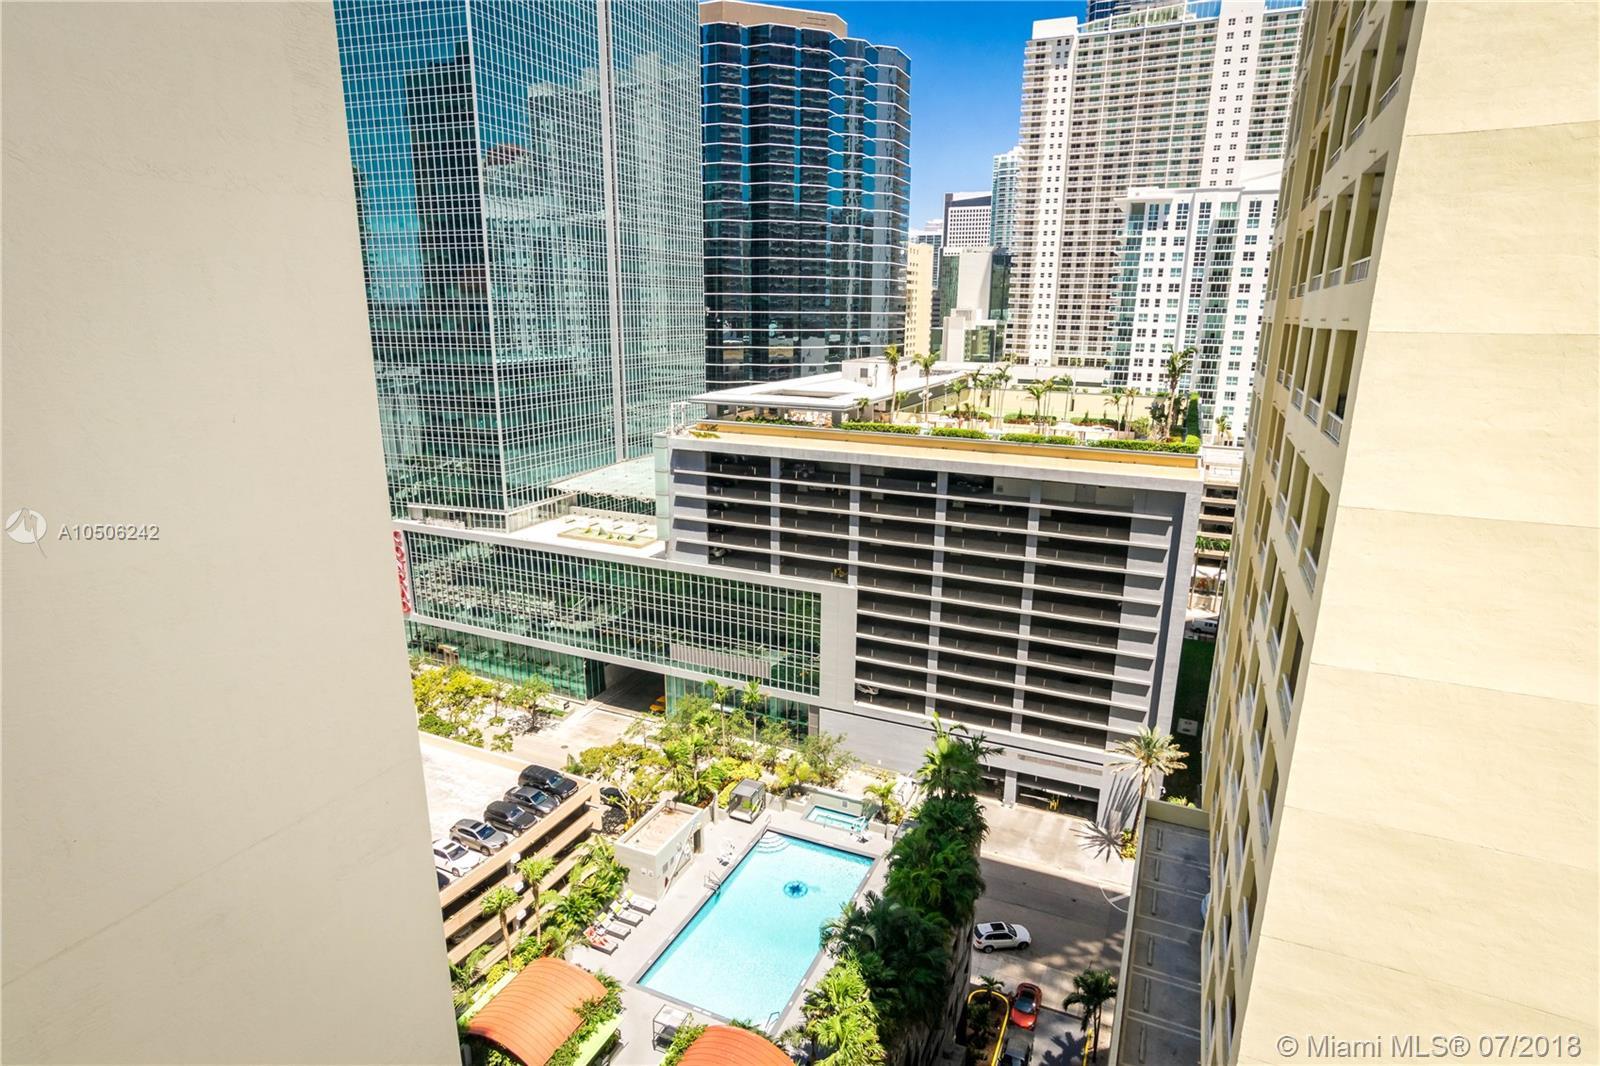 185 Southeast 14th Terrace, Miami, FL 33131, Fortune House #1812, Brickell, Miami A10506242 image #1